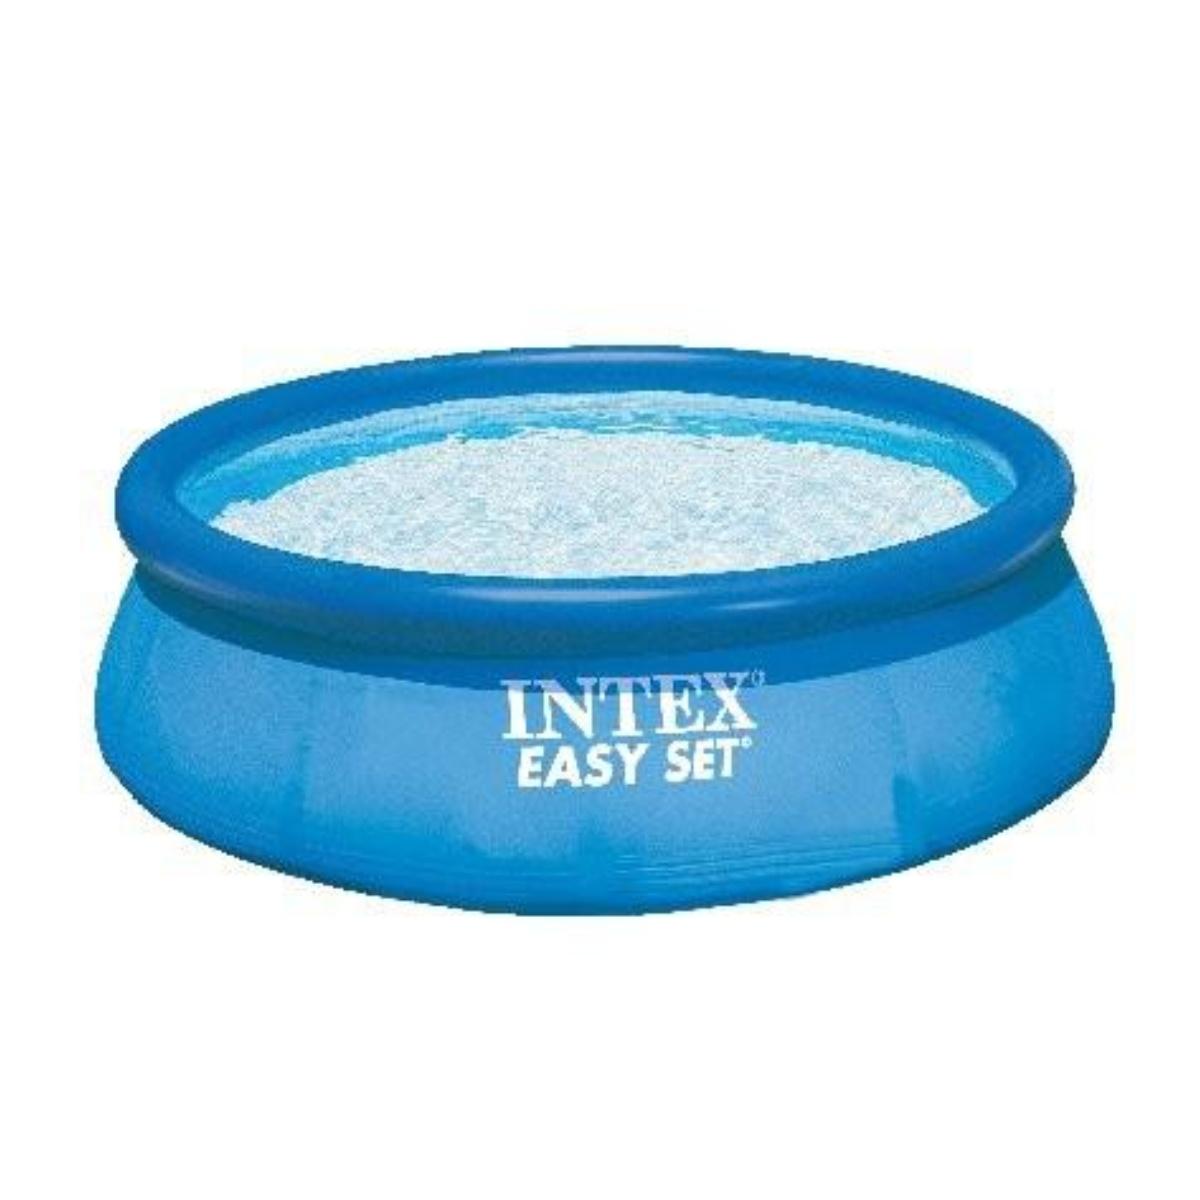 Bazén INTEX Easy set 244 x 76 cm